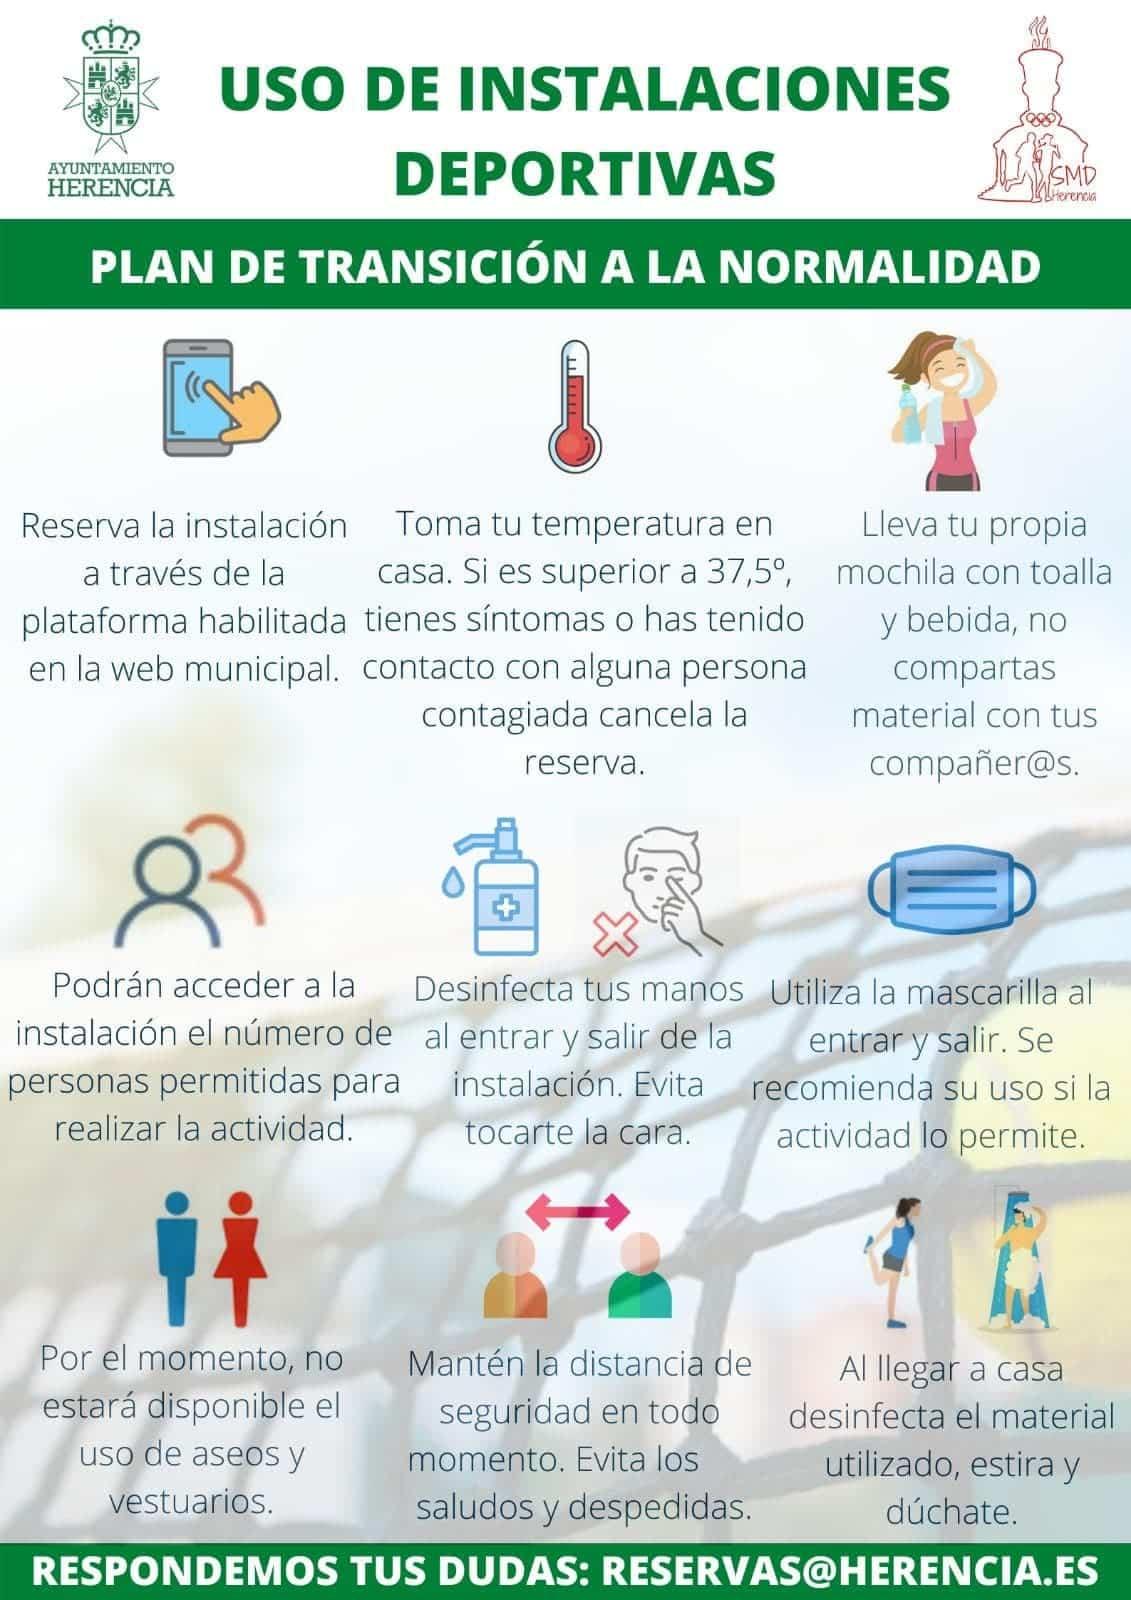 normas deporte herencia plan normalidad - Las pistas de pádel de Herencia vuelven a estar abiertas en fase 2